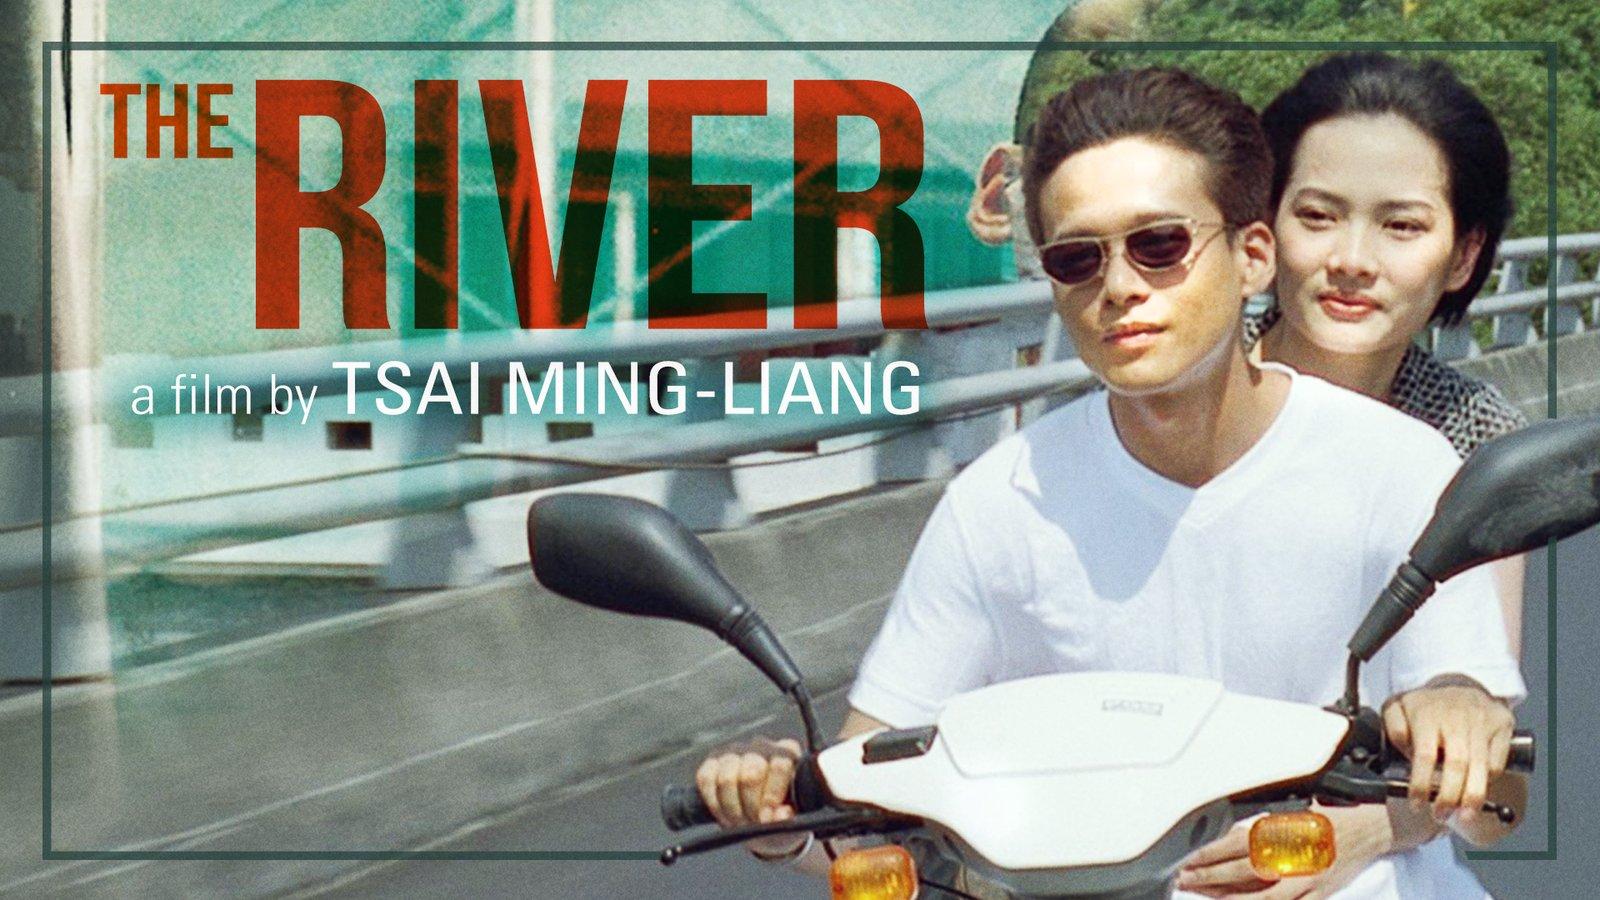 The River - He liu